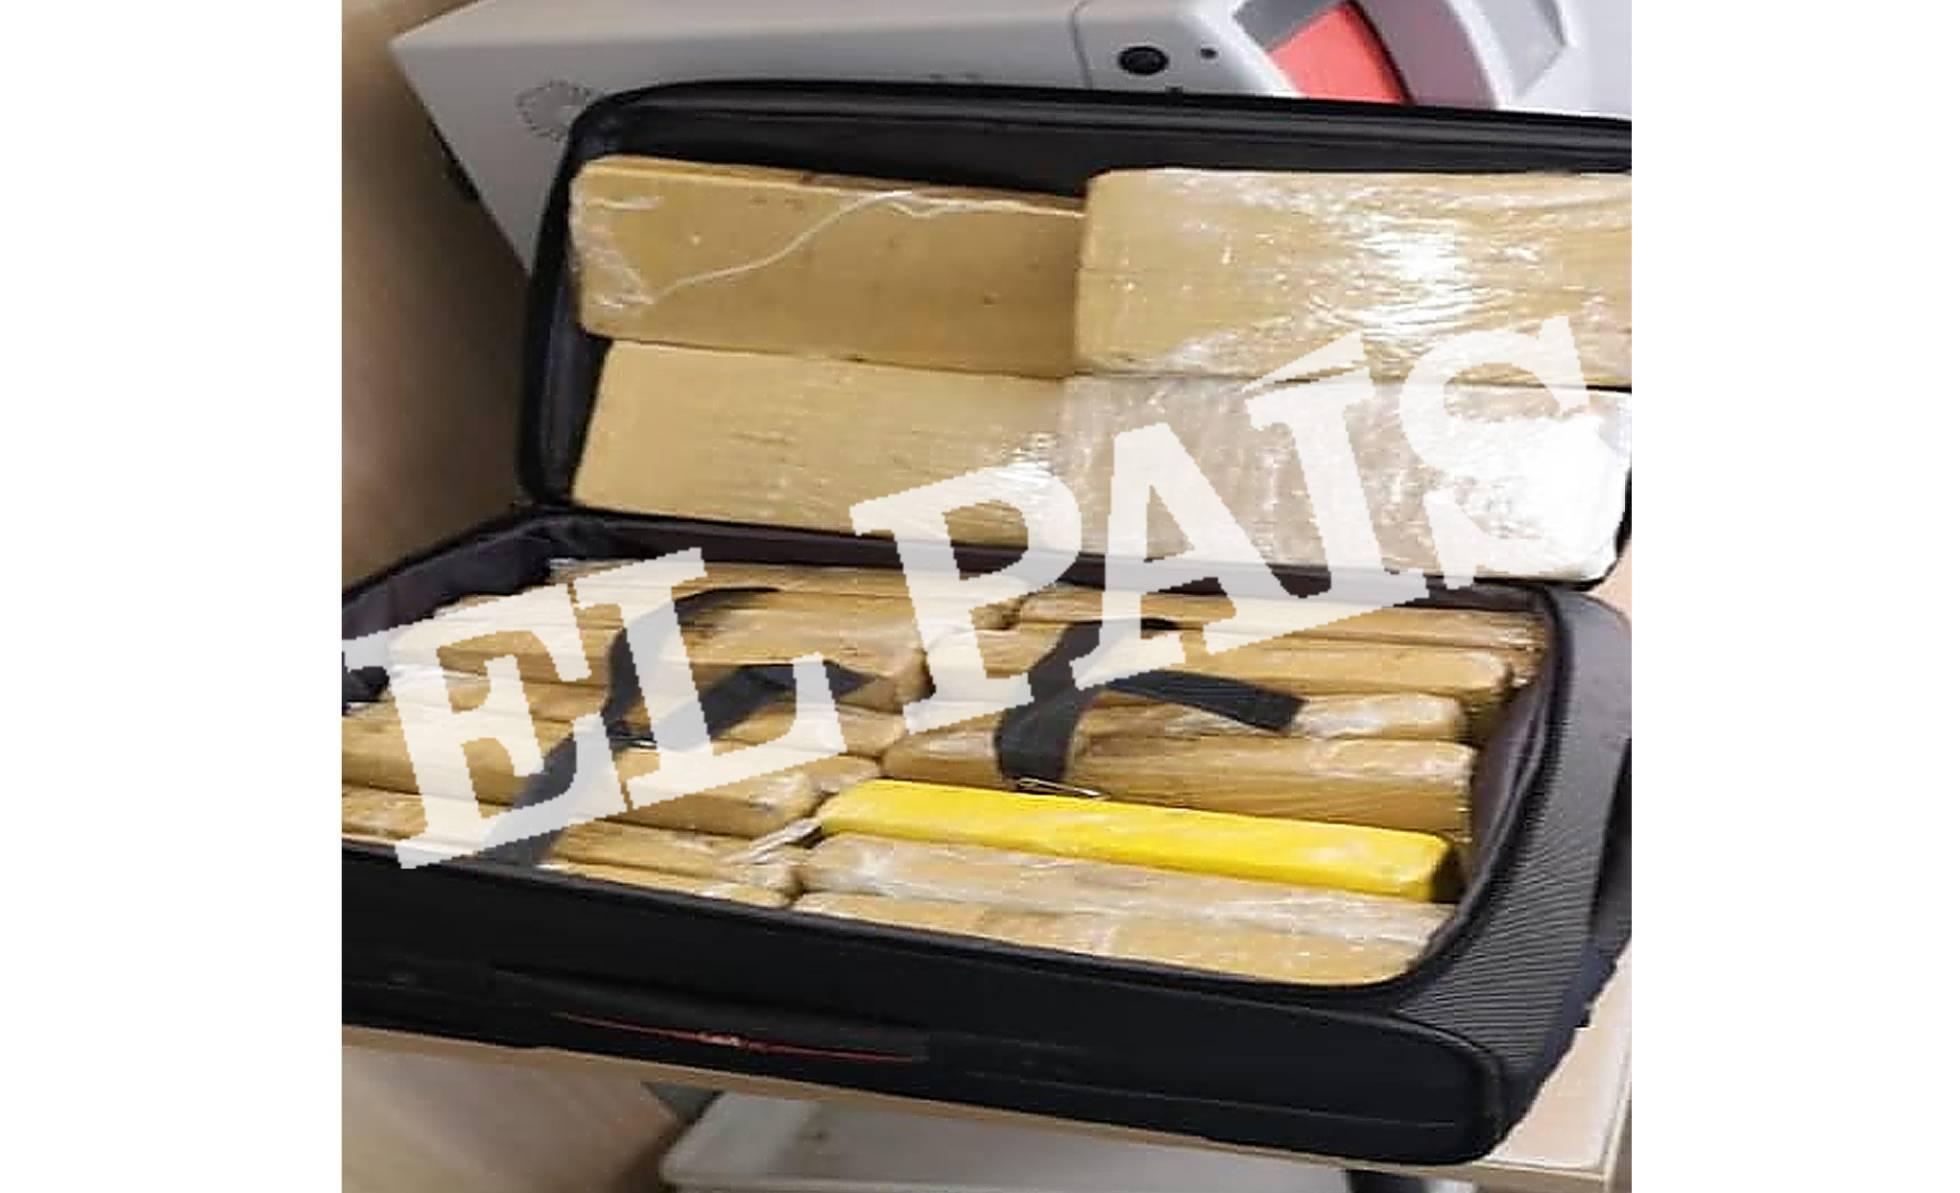 La maleta con cocaína